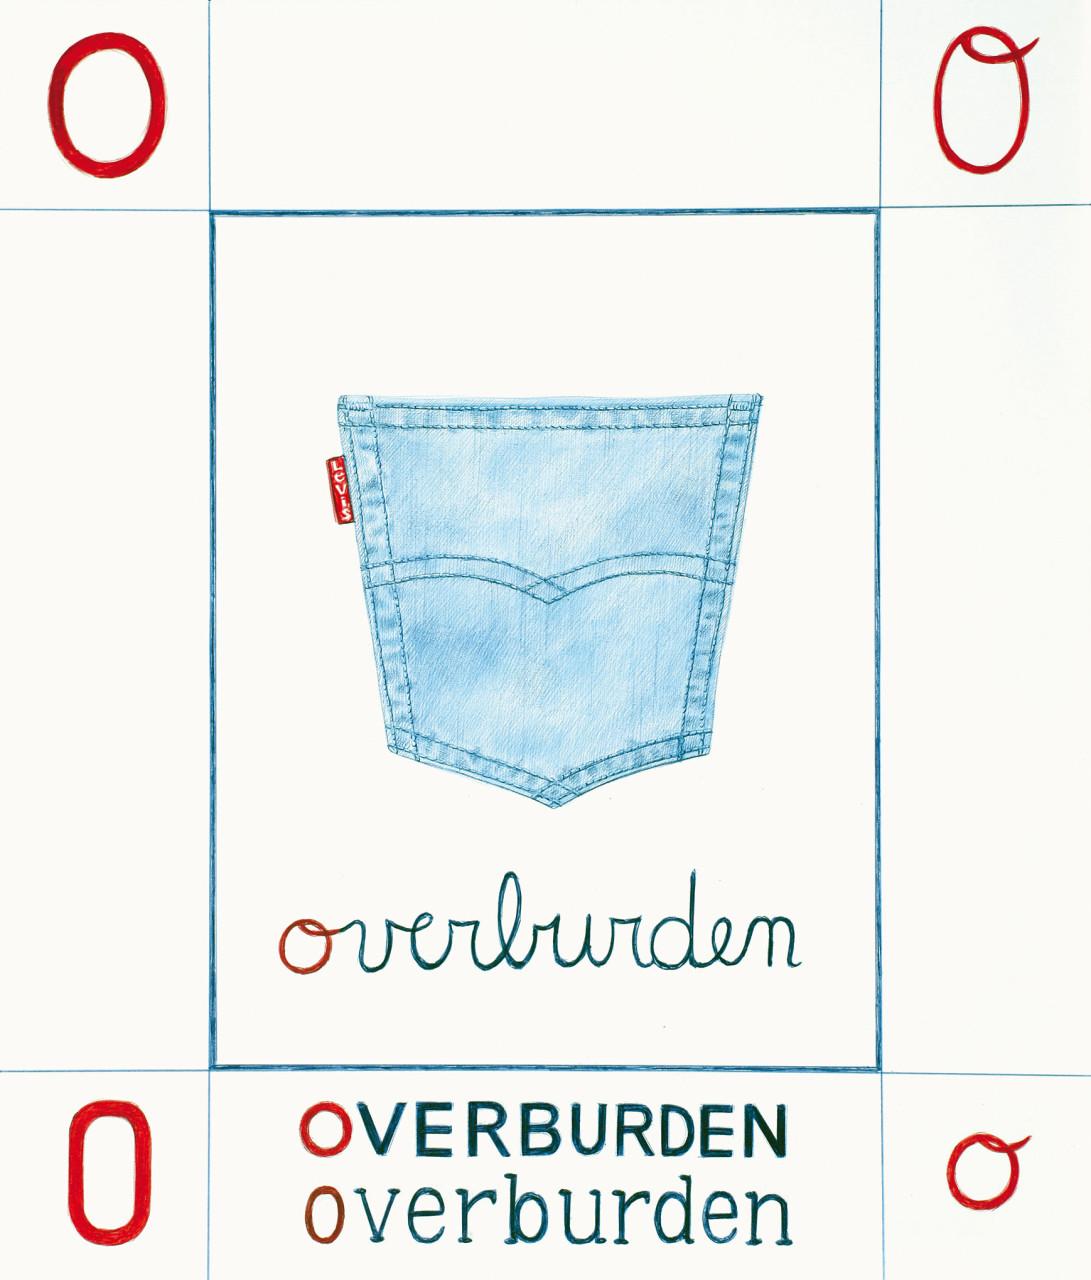 15O-overburden_bassa